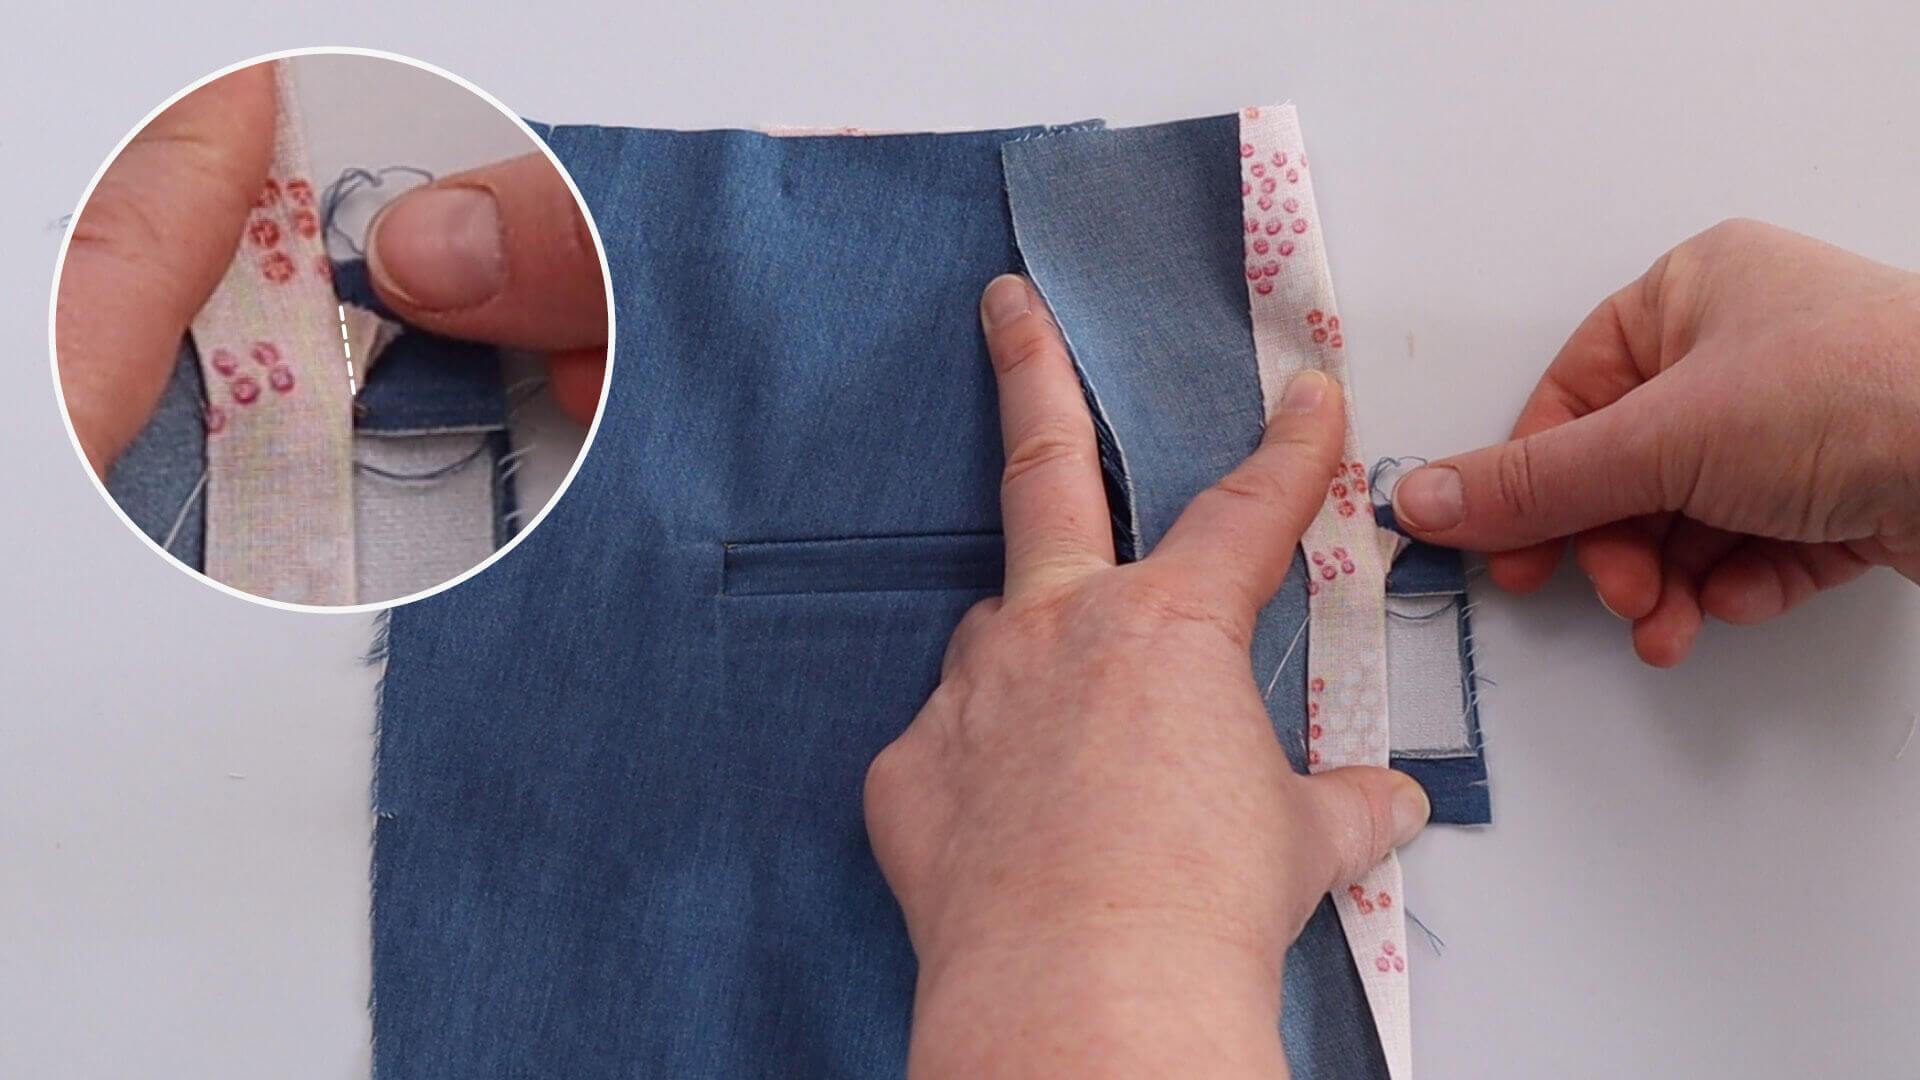 seitliche Taschenecken abnähen bei Nähen einer einseitigen Hosen Paspeltasche